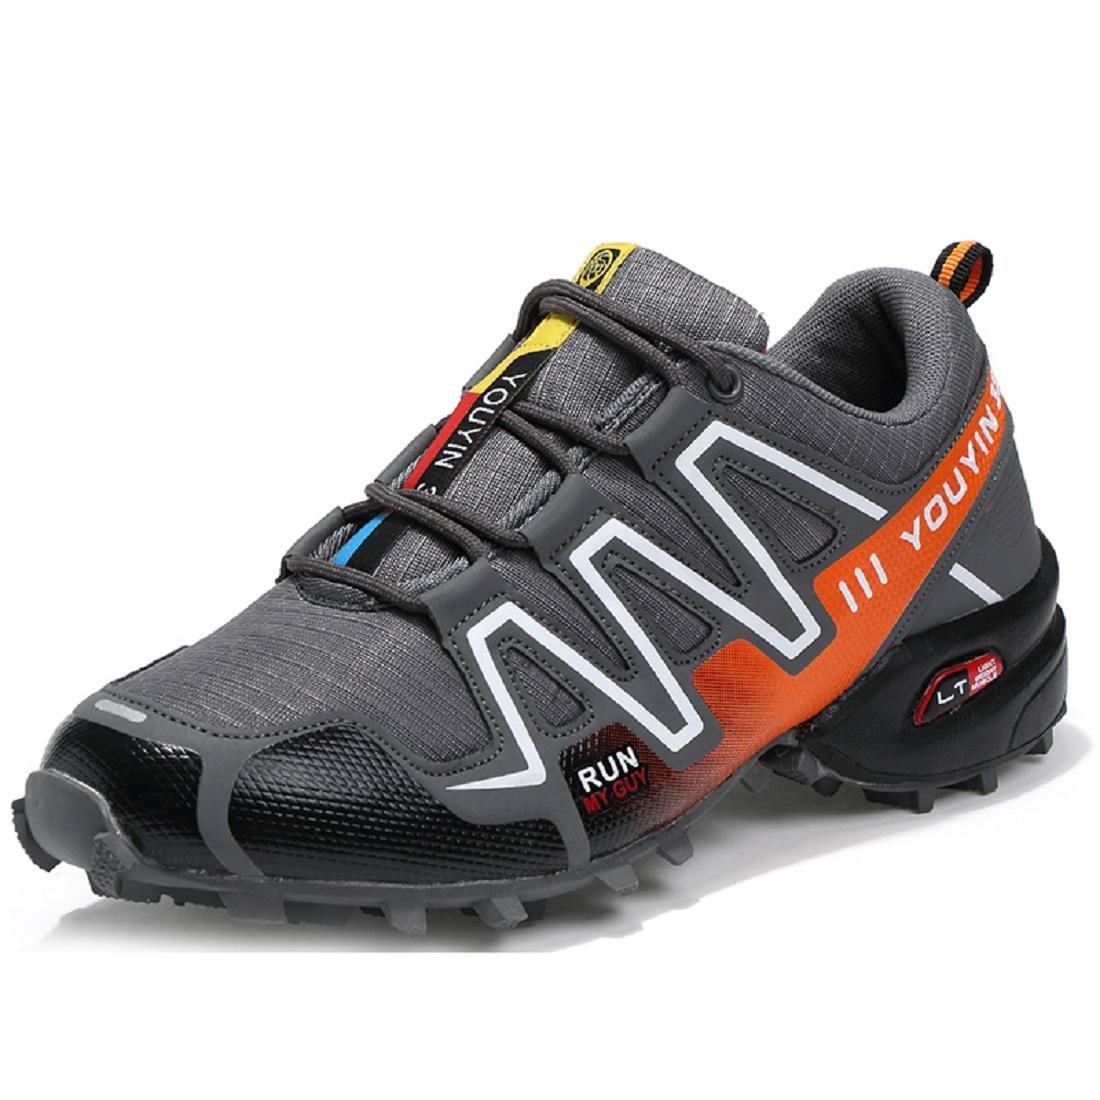 Herren Sportschuhe Reiseschuhe Basketball Schuhe Ausbilder Fussballschuhe Turnschuhe Rutschfest Atmungsaktiv Große Größe Erhöht Schuhe